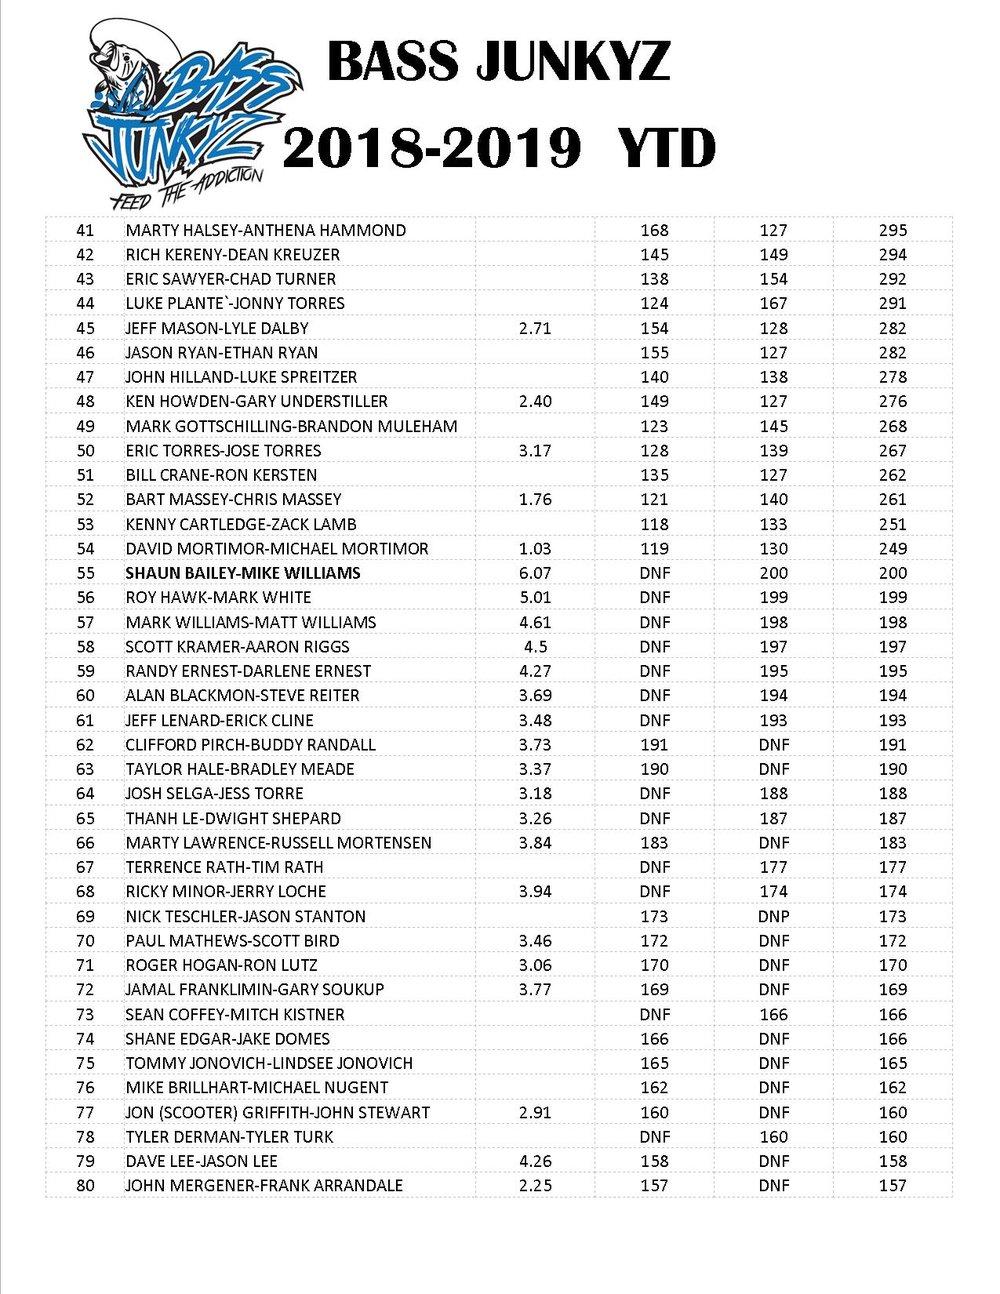 BASS JUNKYZ 2018-2019 YTD PAGE 2.jpg